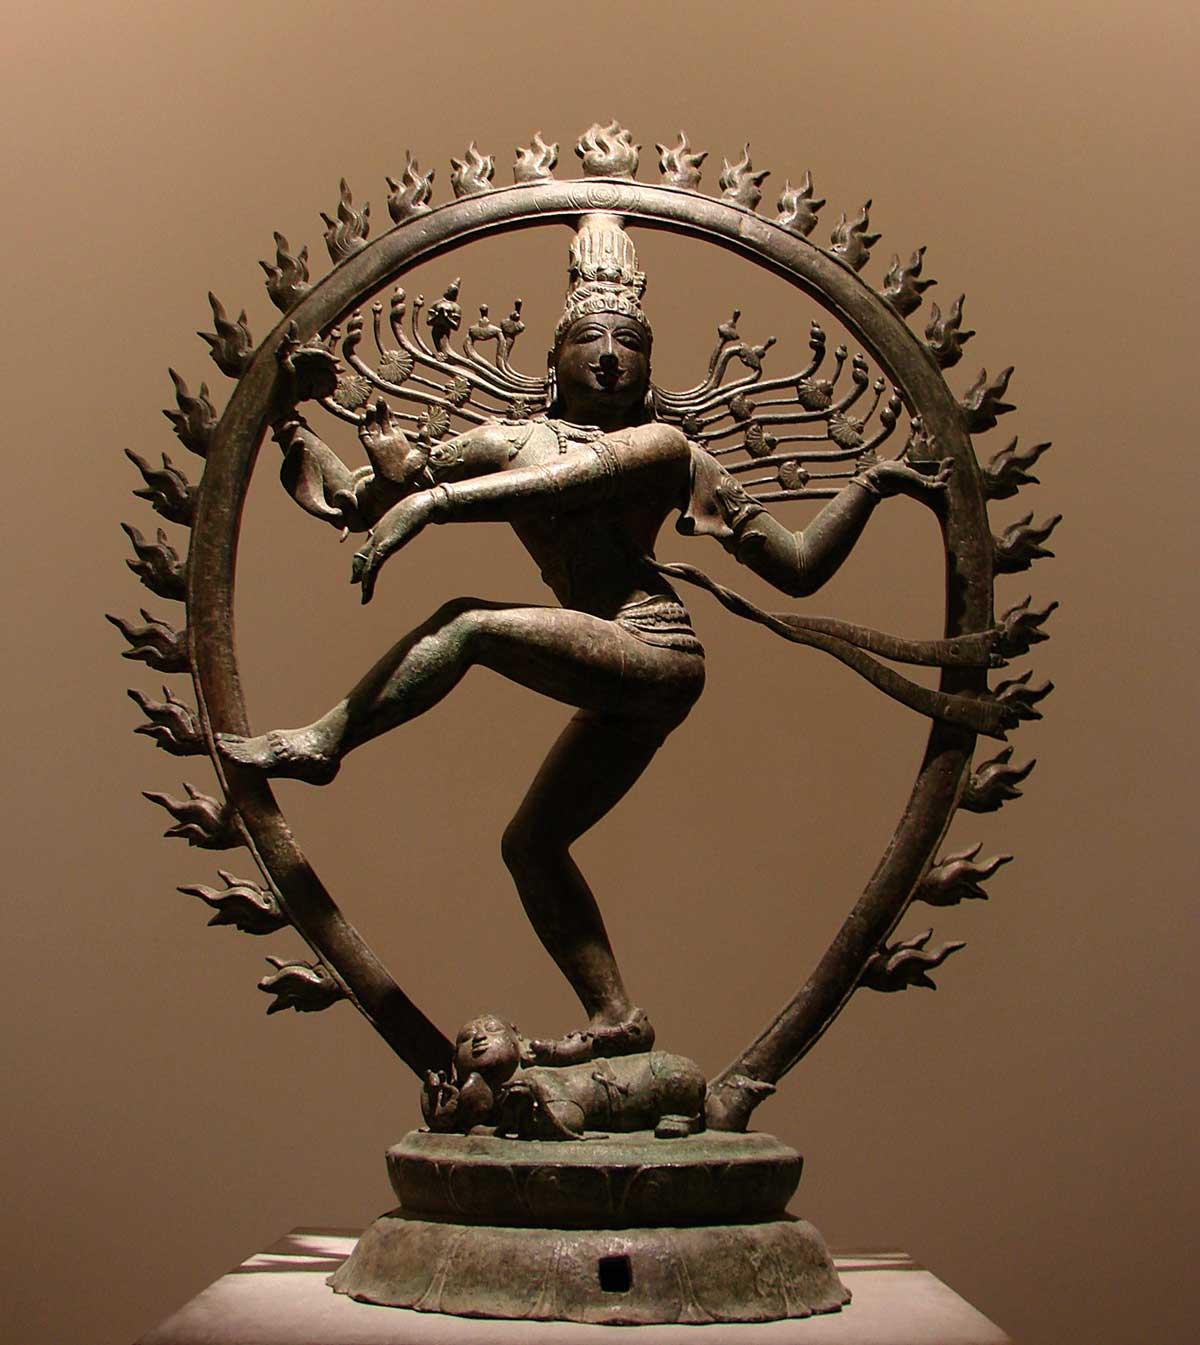 Фото йога нагишом 1 фотография